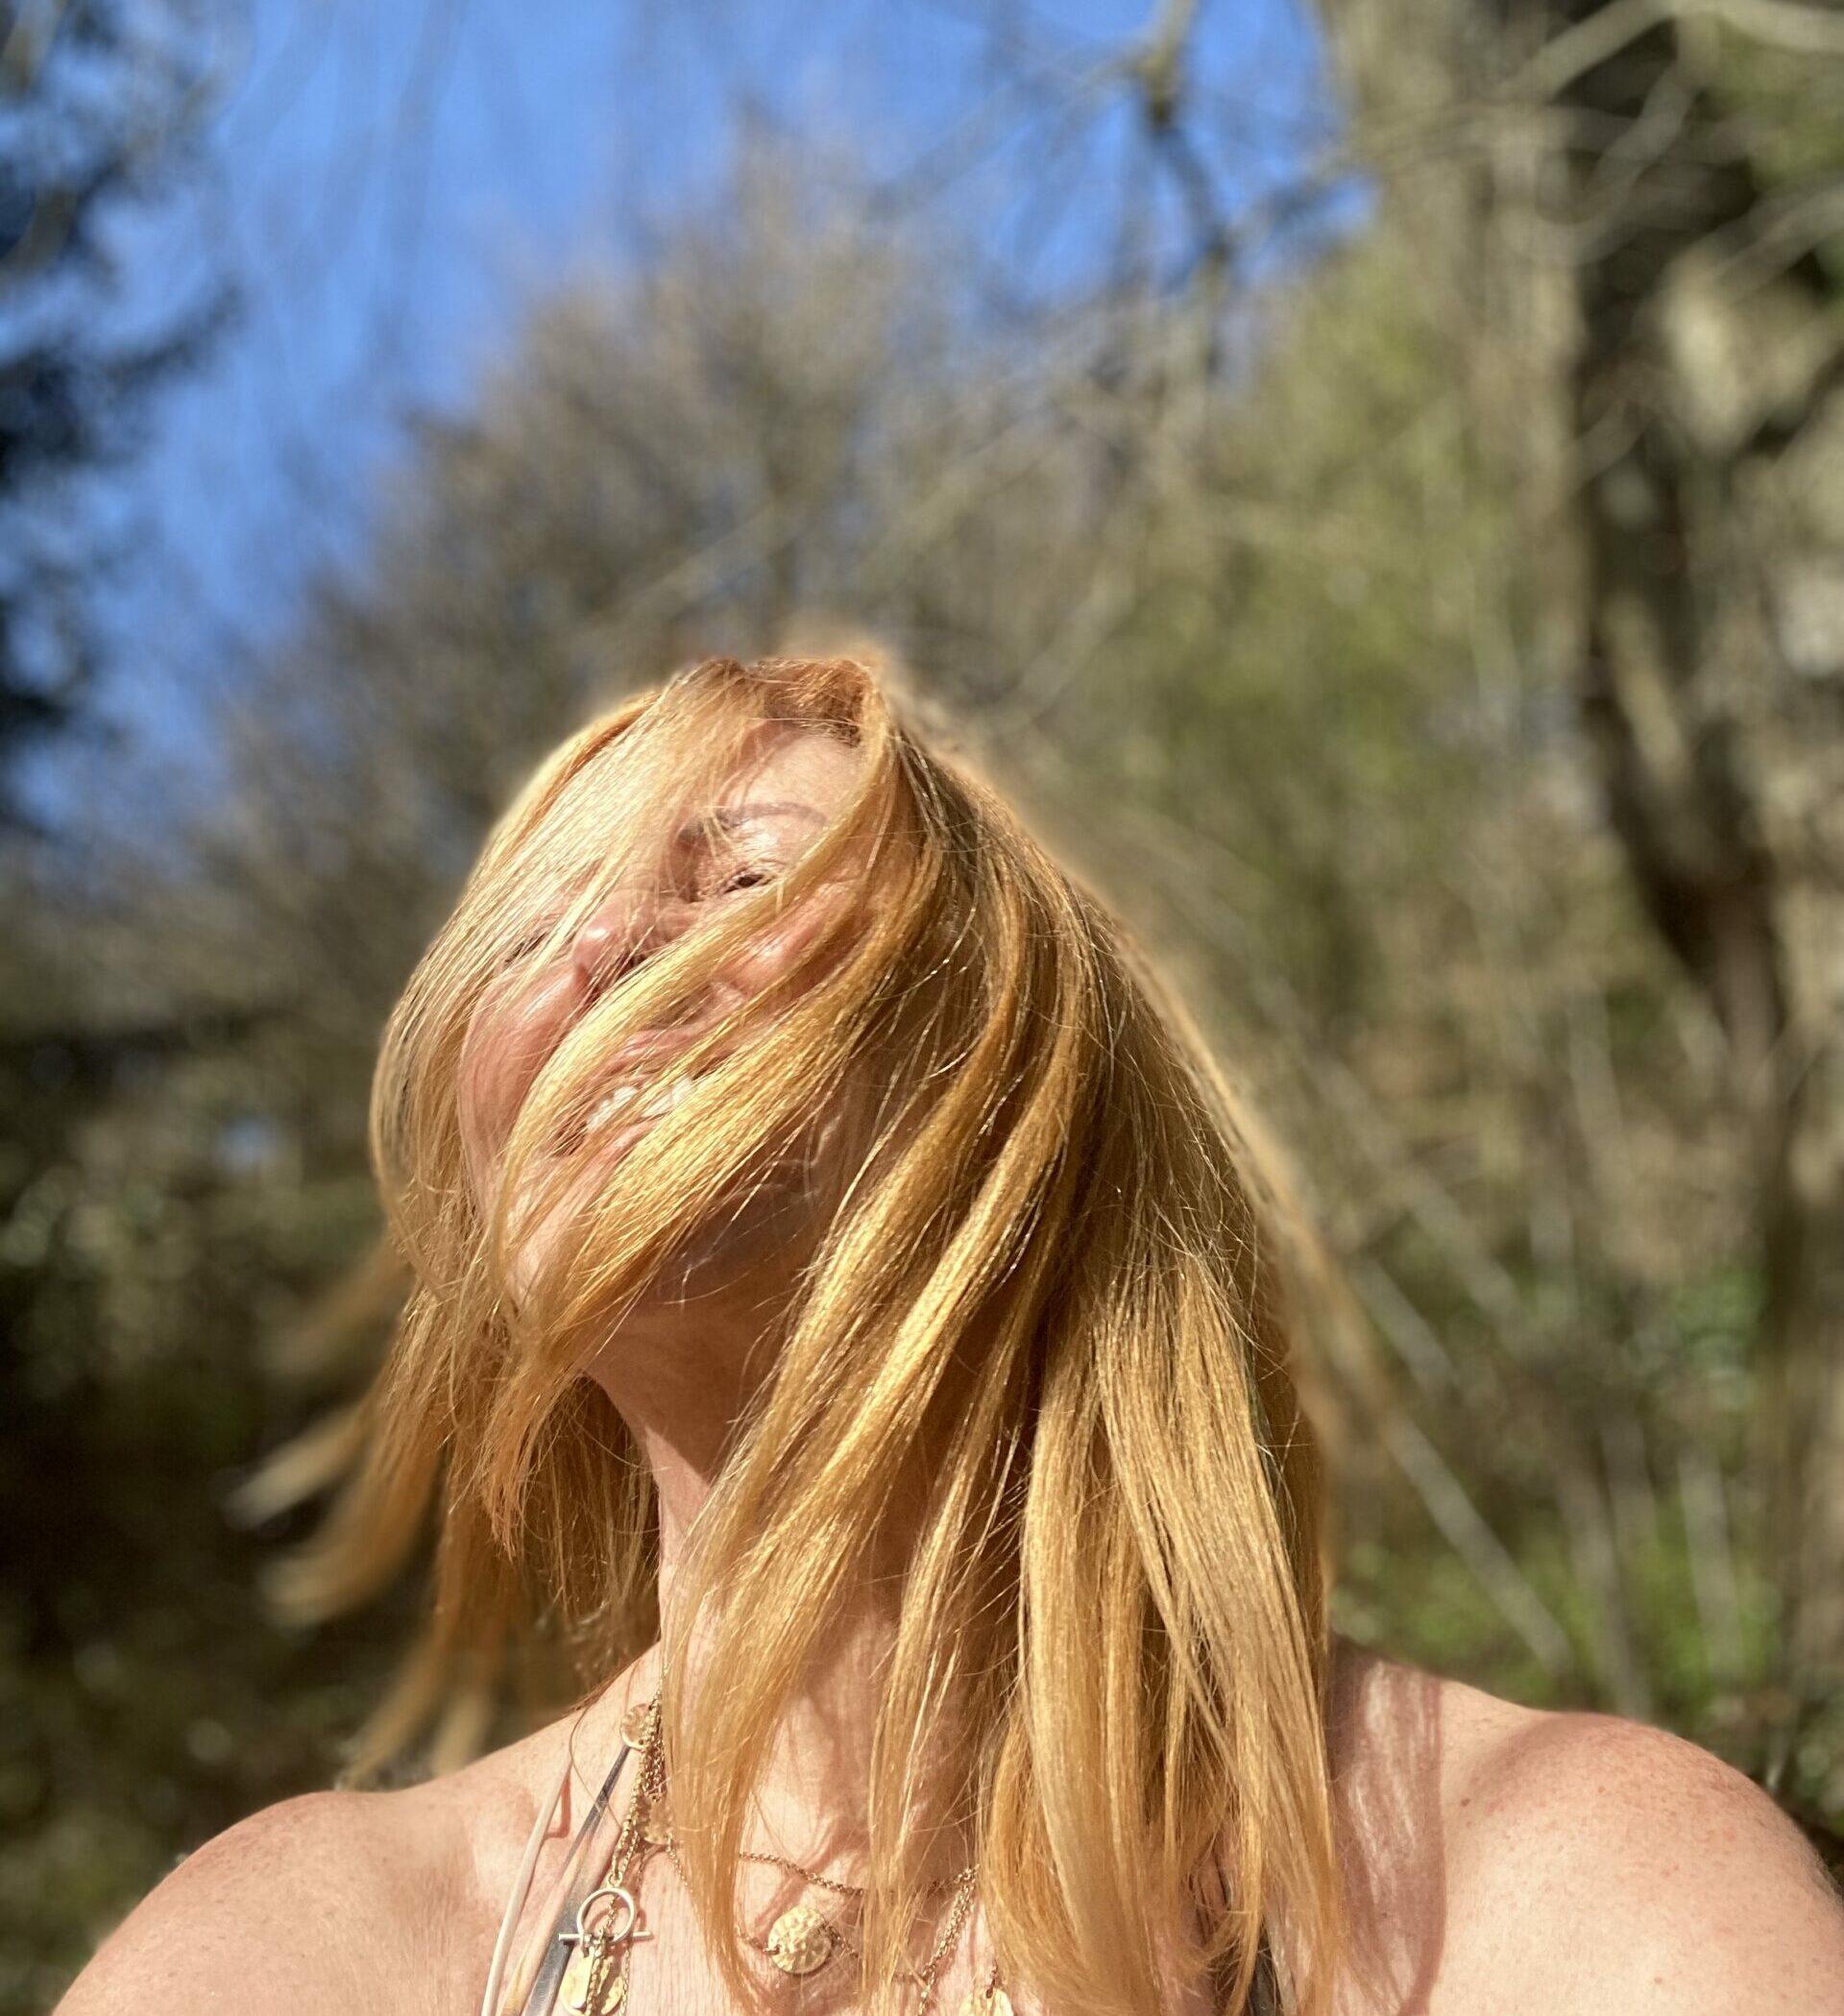 Woman, sunshine, yoga